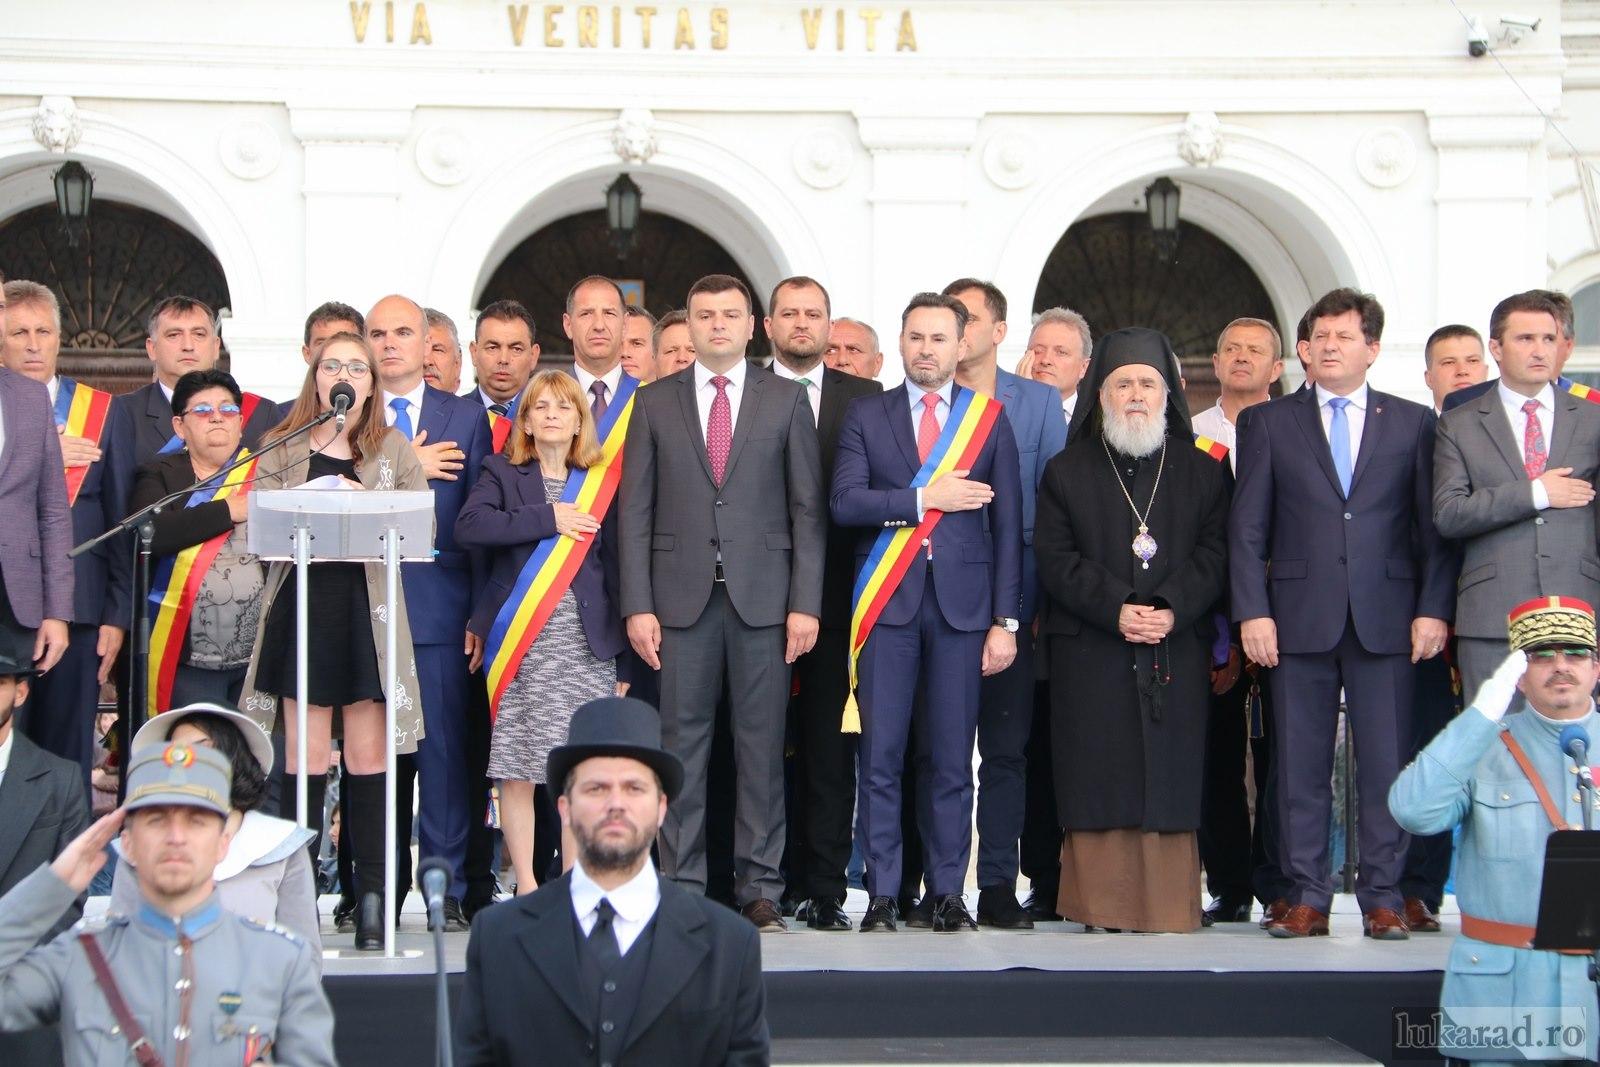 """Iustin Cionca: """"Arădenilor li se datorează că astăzi se rostește românește «Bună ziua» pe străzile Aradului, se spune «Vă rog», «Poftiți» și «Mulțumesc» în instituțiile noastre publice"""""""